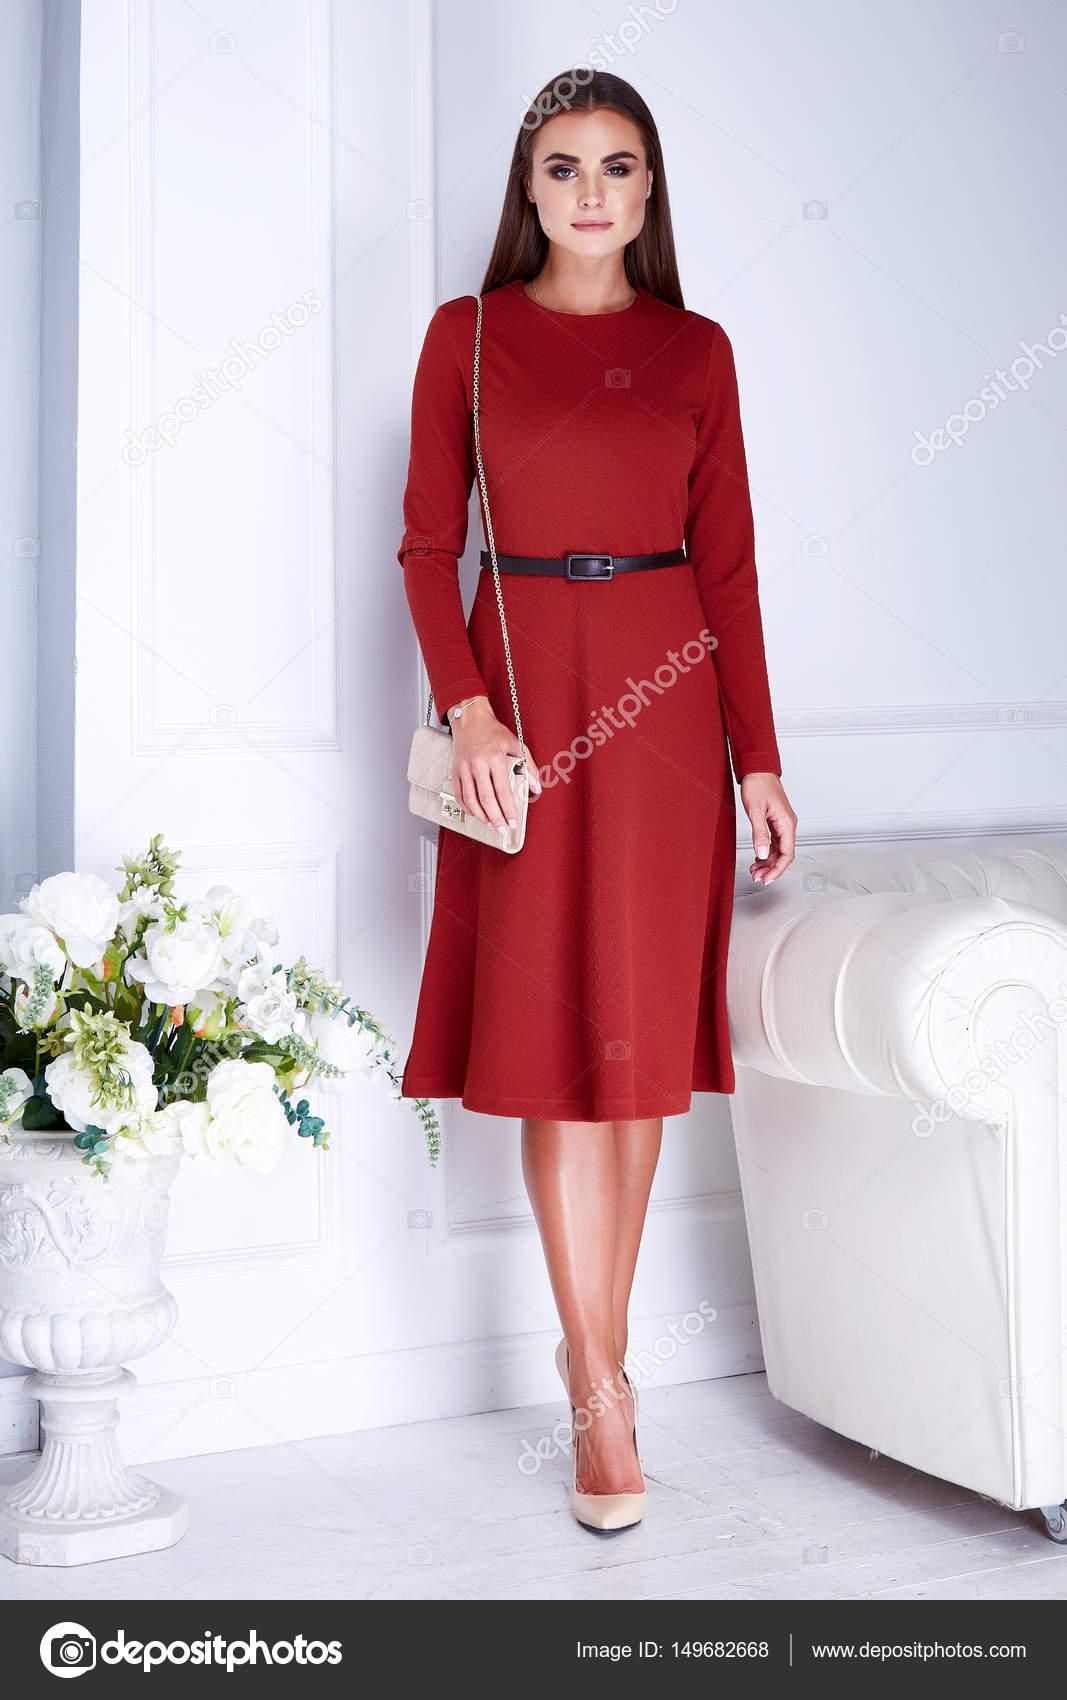 5dde0a6efb77 Vacker sexig brunett kvinna slitage elegant mode sidenklänning ho —  Stockfoto